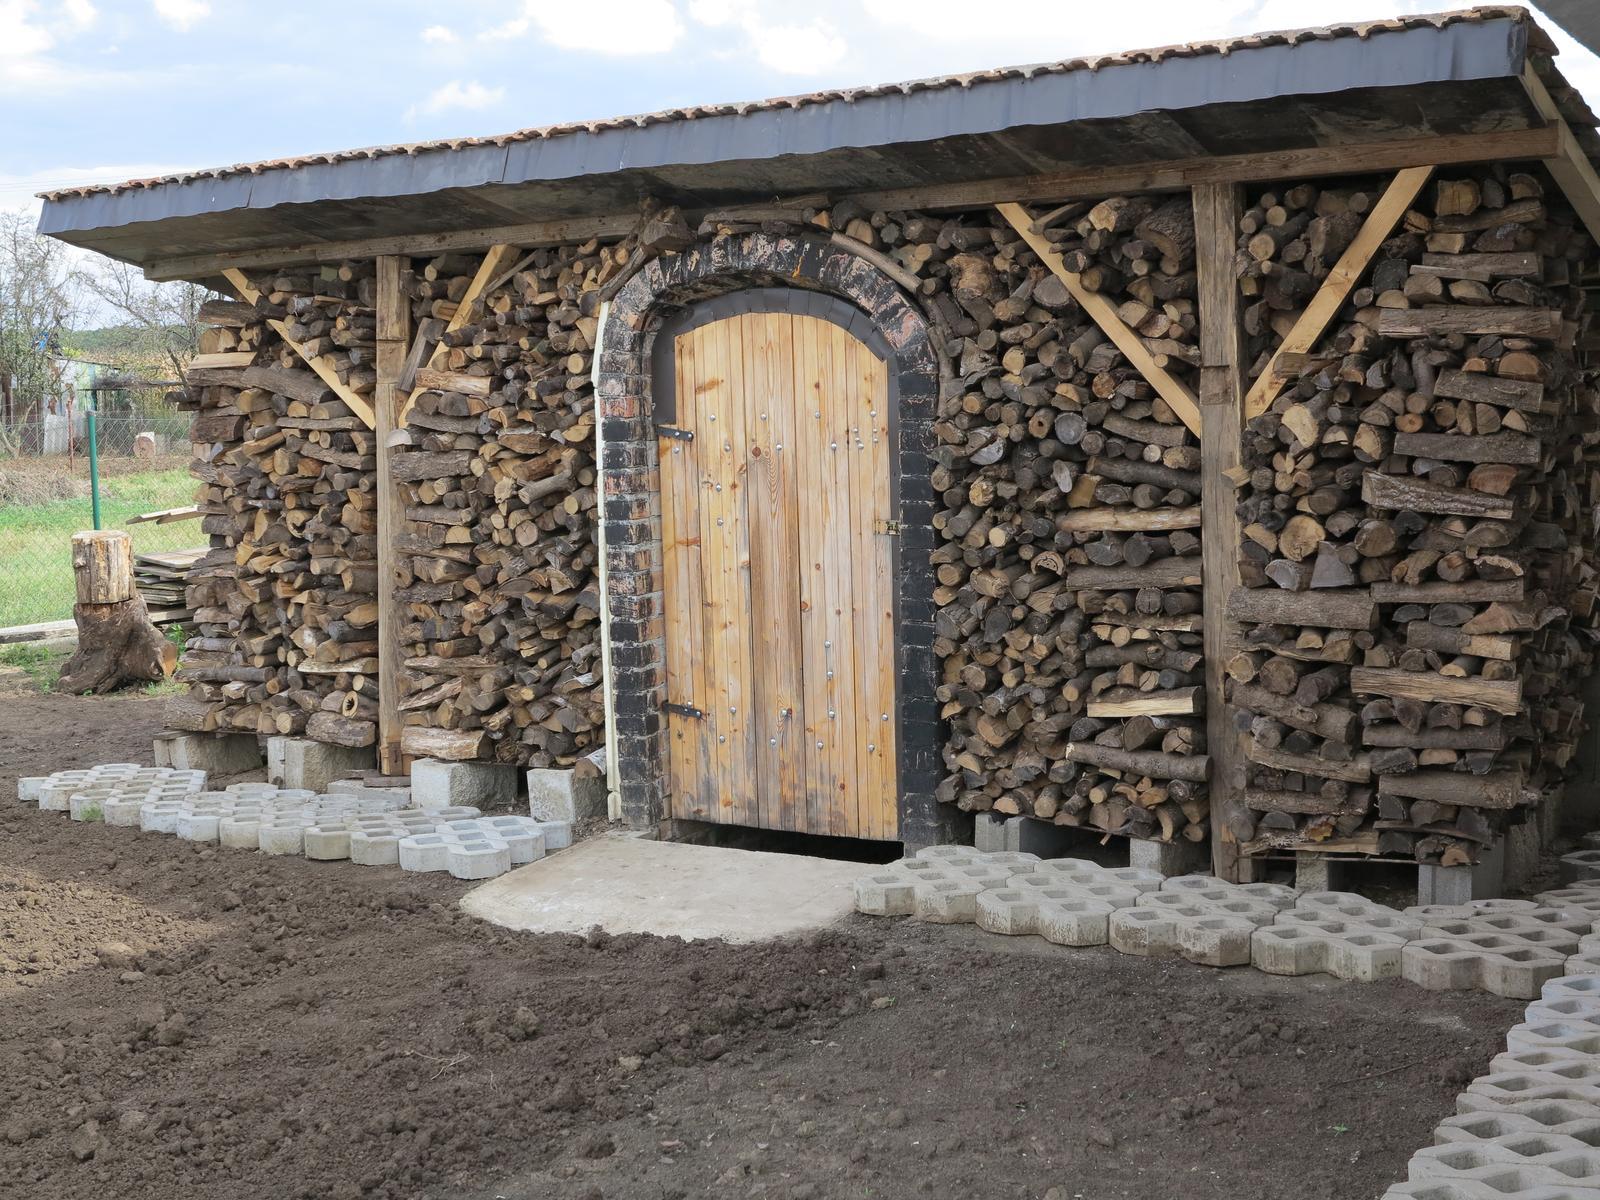 Posledný deň v roku sme sa presťahovali - pivnica konečne dokončená aj s prístreškom na drevo